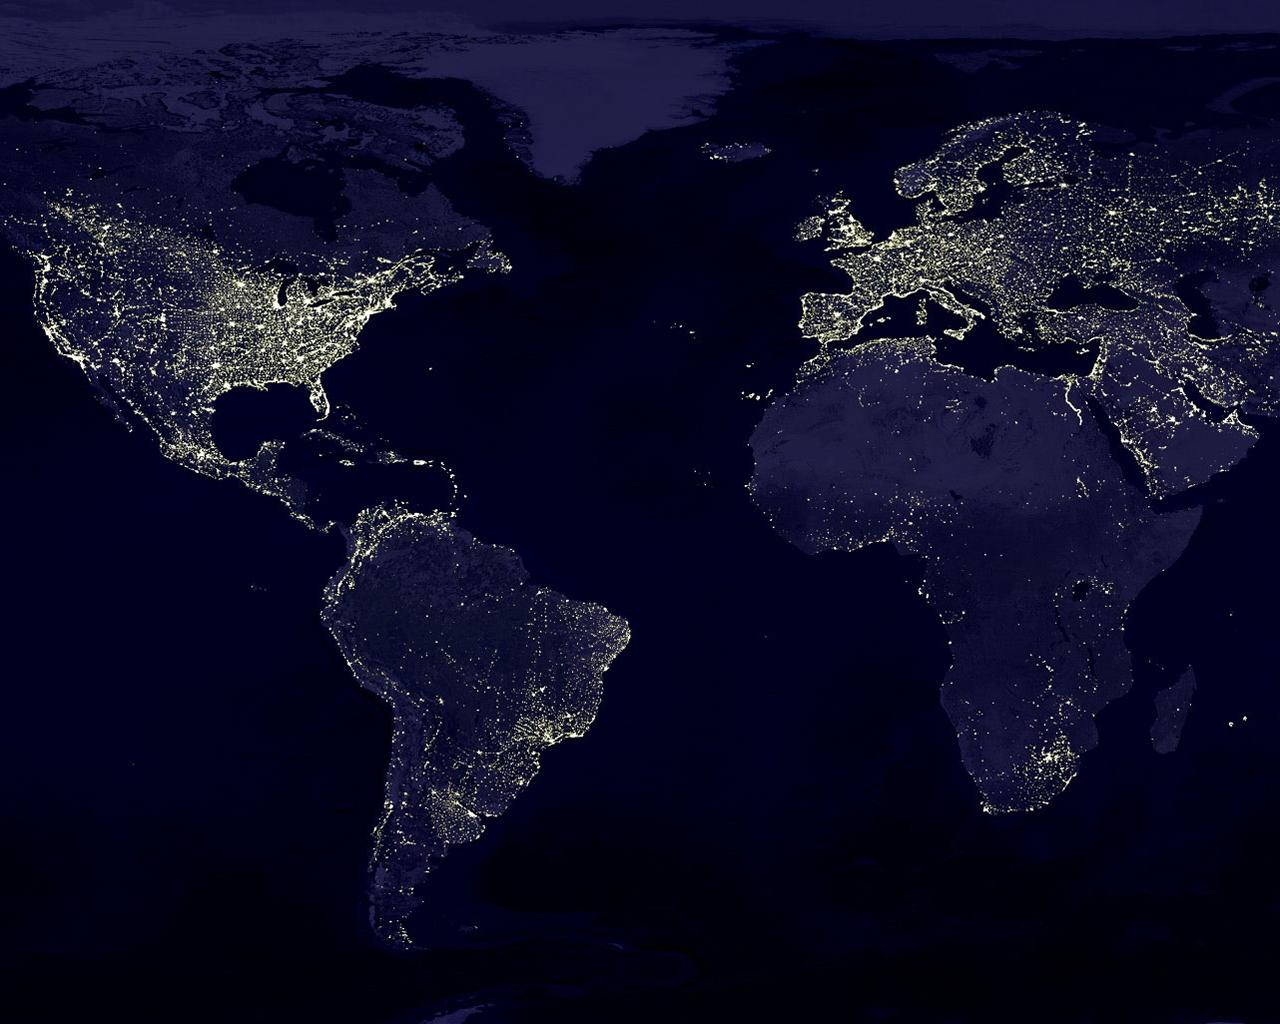 earth at night earth at night earth at night earth at night nasa earth 1280x1024